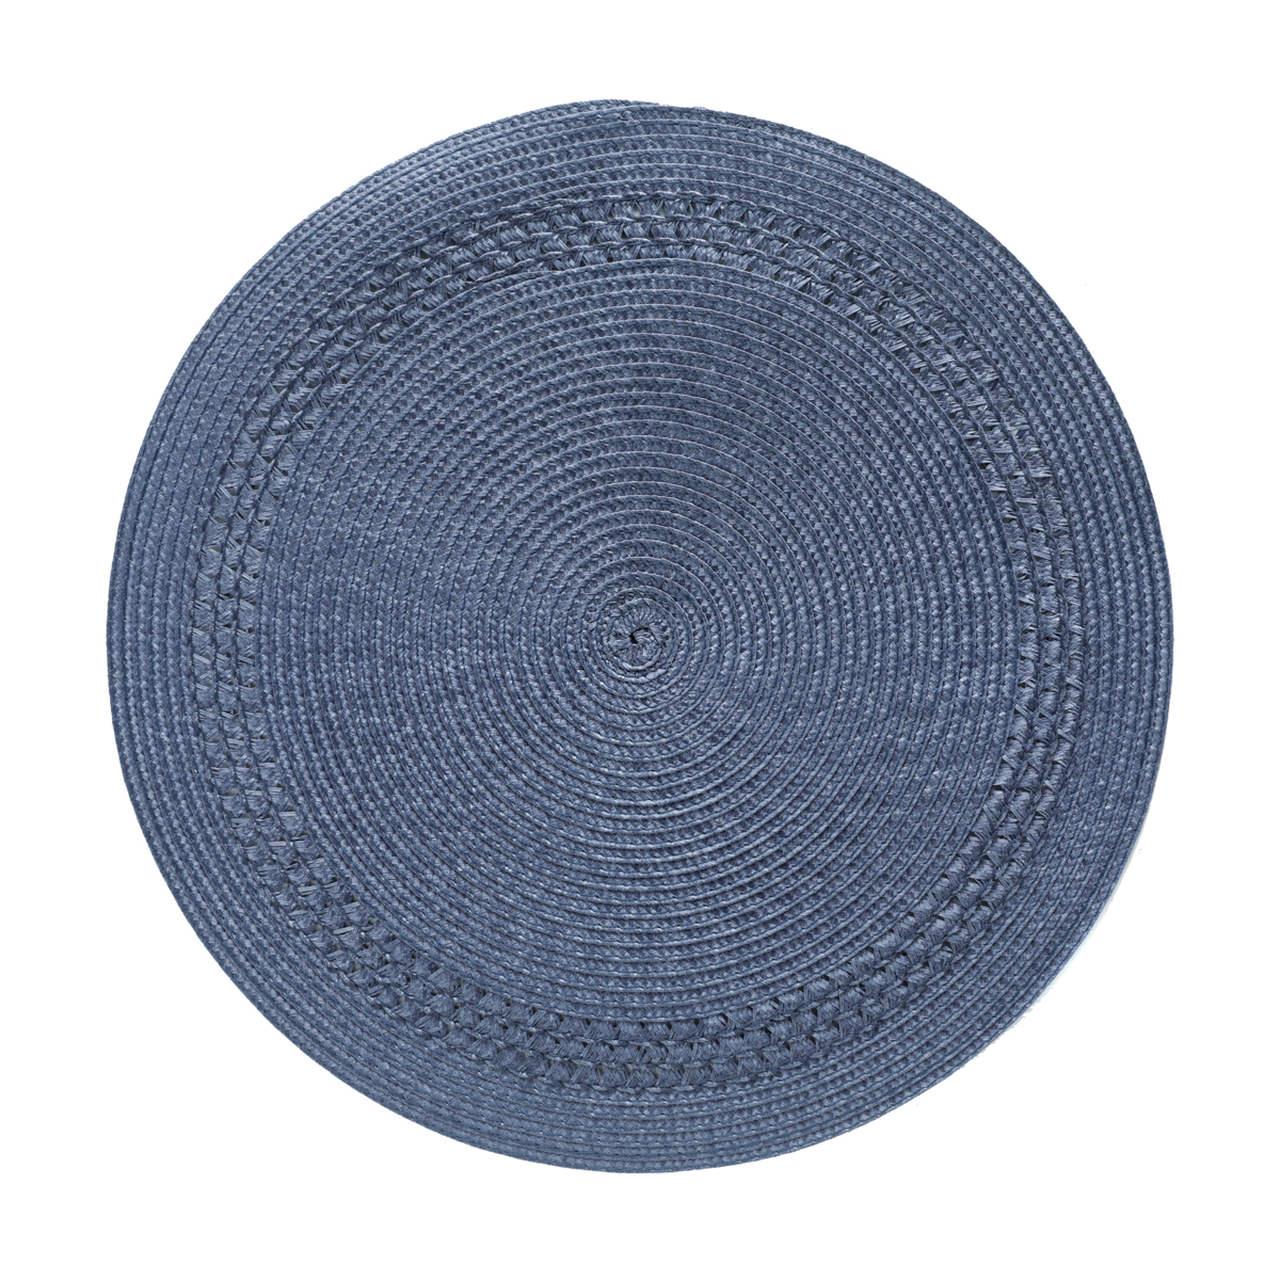 Lugar americano 38 cm poliéster azul marinho Royal Decor - 27633